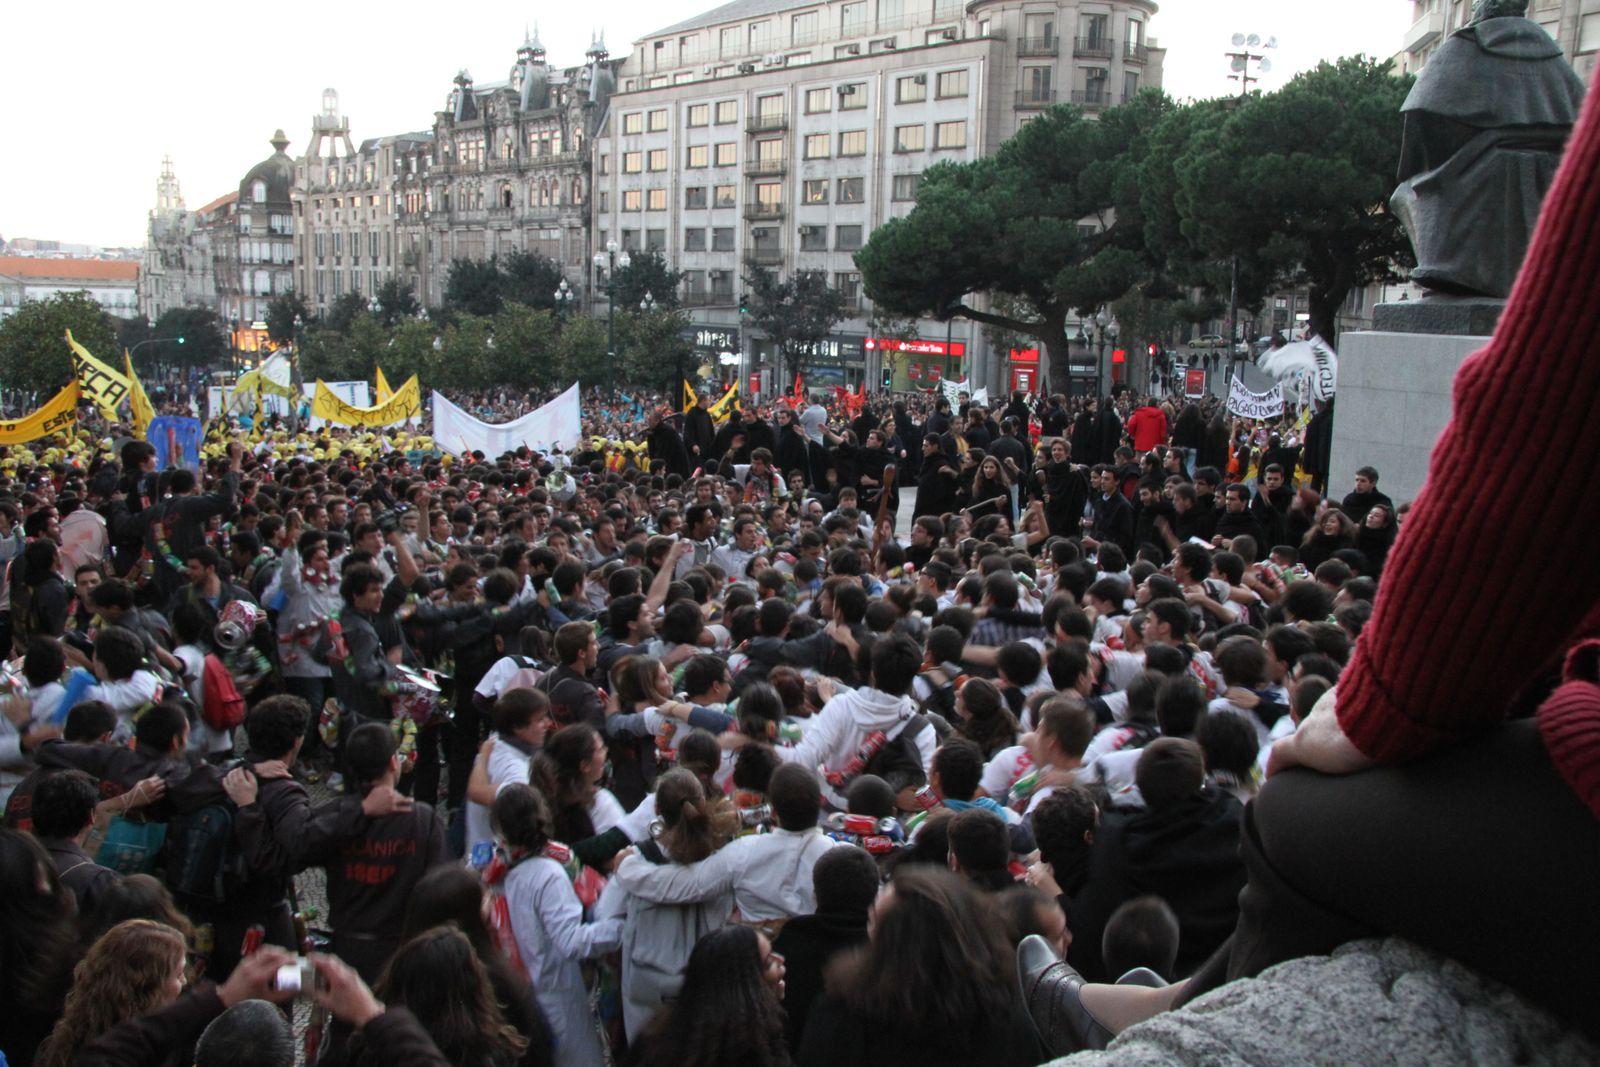 ITINERAIRE D'UNE REVEUSE -ETAPE 2 : PORTO - PORTUGAL